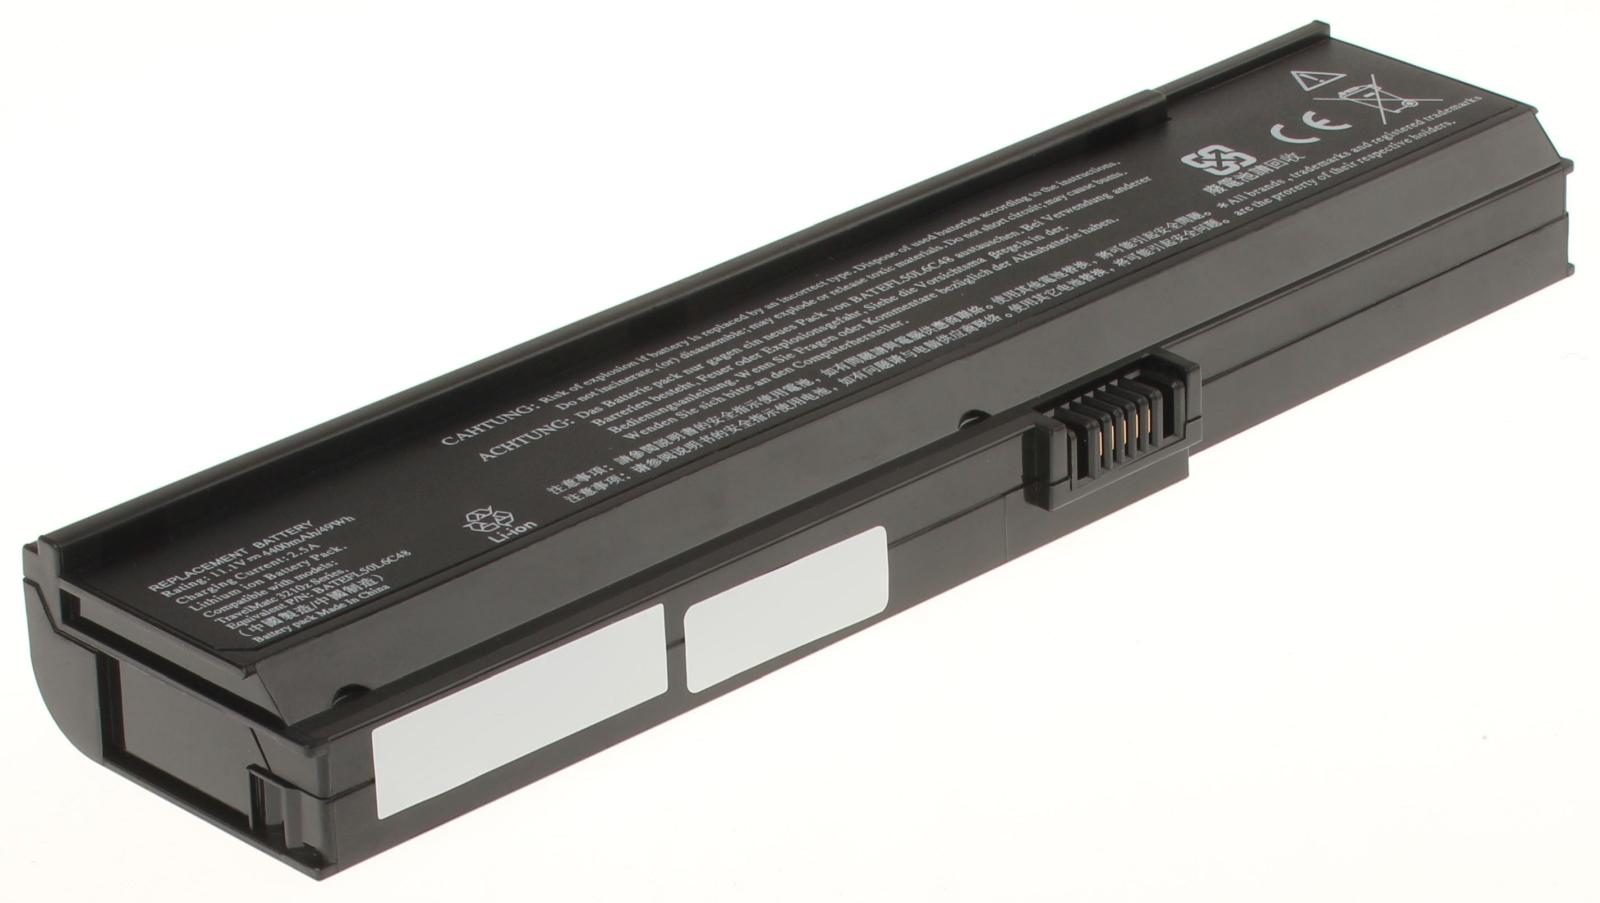 Аккумуляторная батарея для ноутбука Acer Aspire 5502ZWXMi. Артикул 11-1136.Емкость (mAh): 4400. Напряжение (V): 11,1